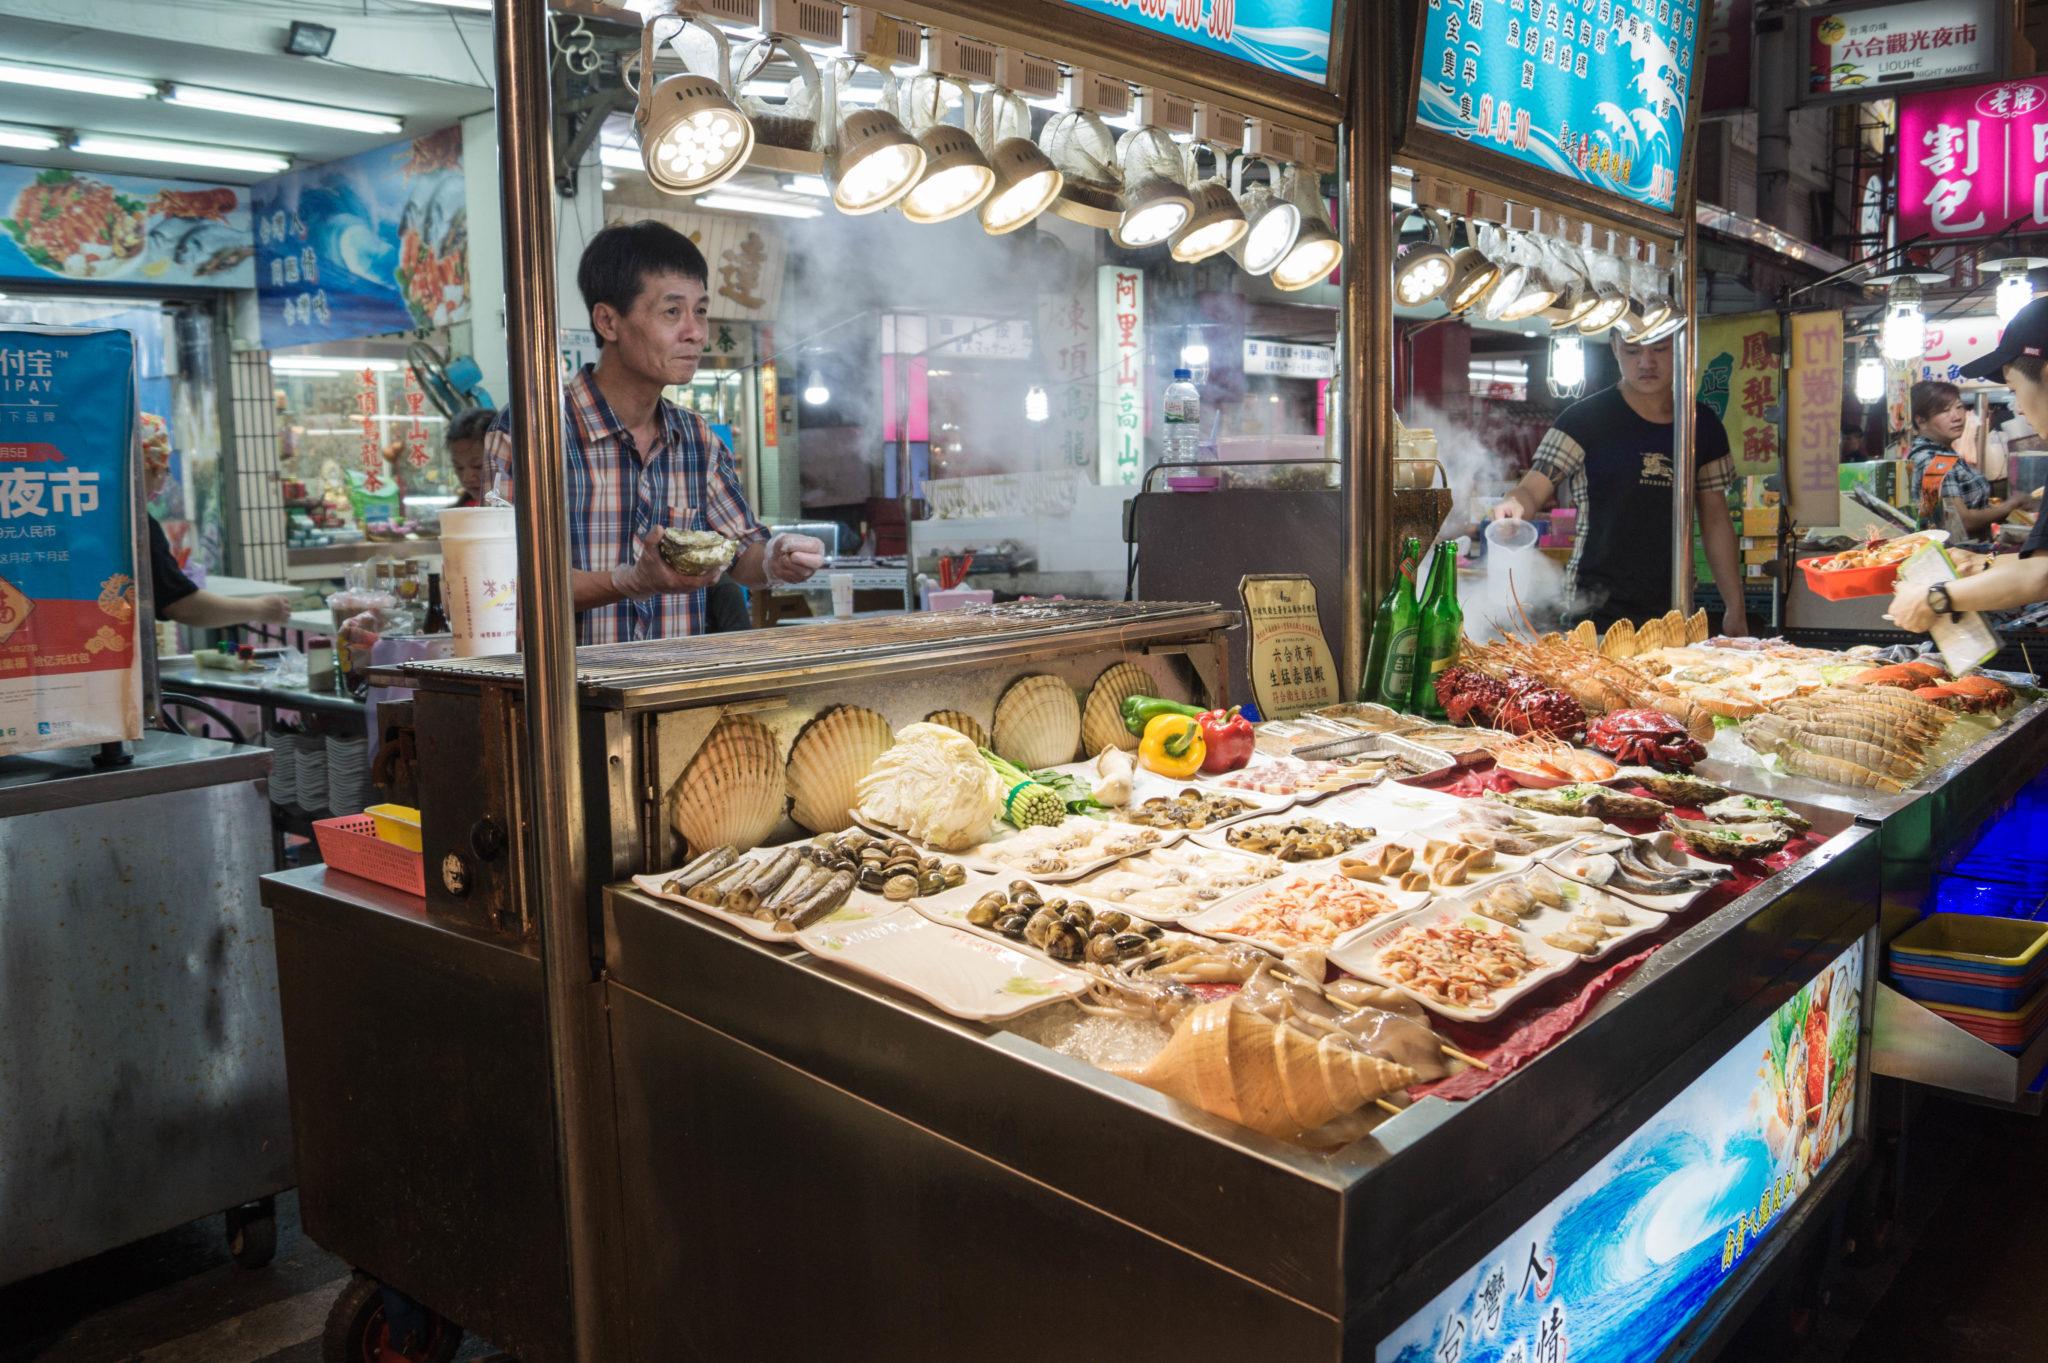 Stärkung auf der Taiwan Rundreise sind die Nachtmärkte von Kaohsiung